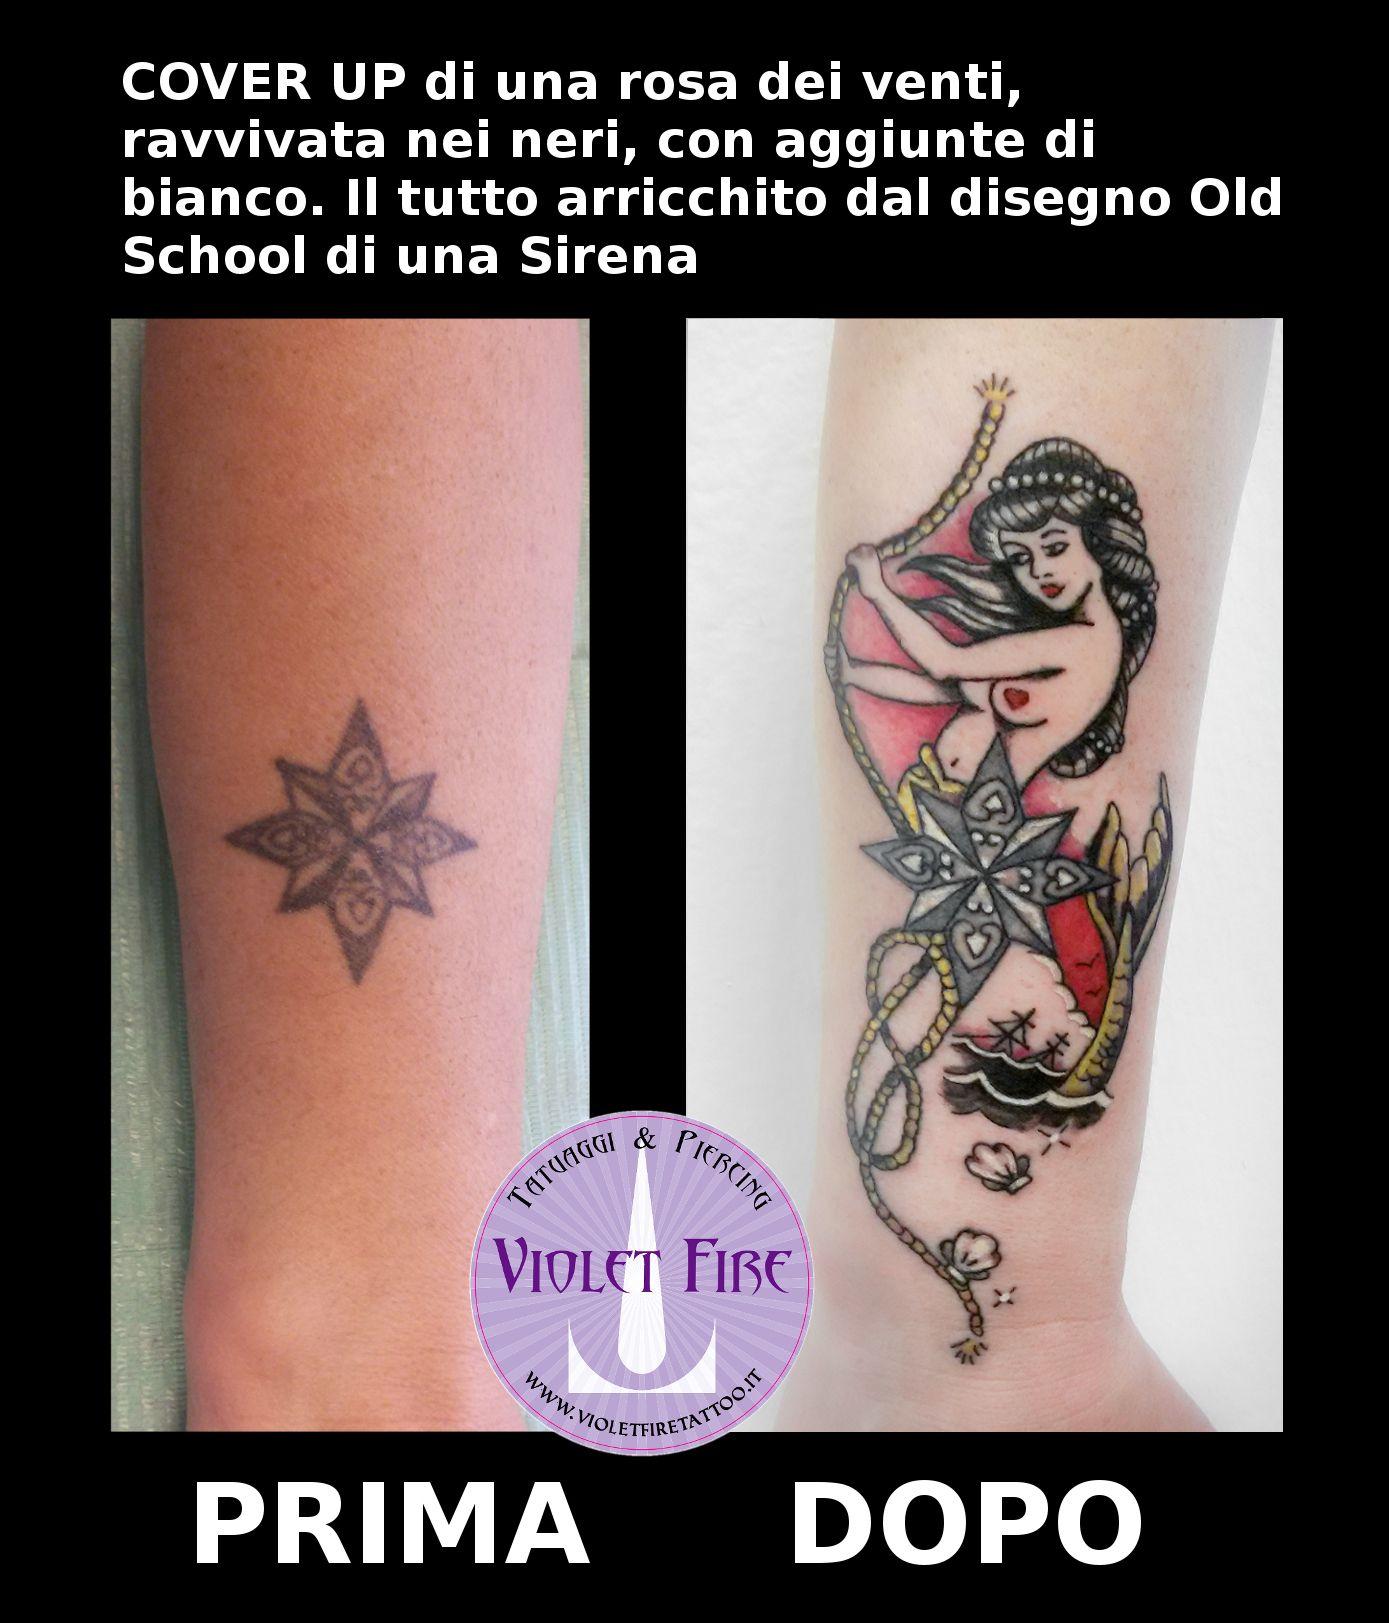 Tattoo old school tatuaggi old school pin up significato e foto quotes - Tatuaggio Cover Up Rosa Dei Venti Con Sirena Old School Cover Up Tattoo